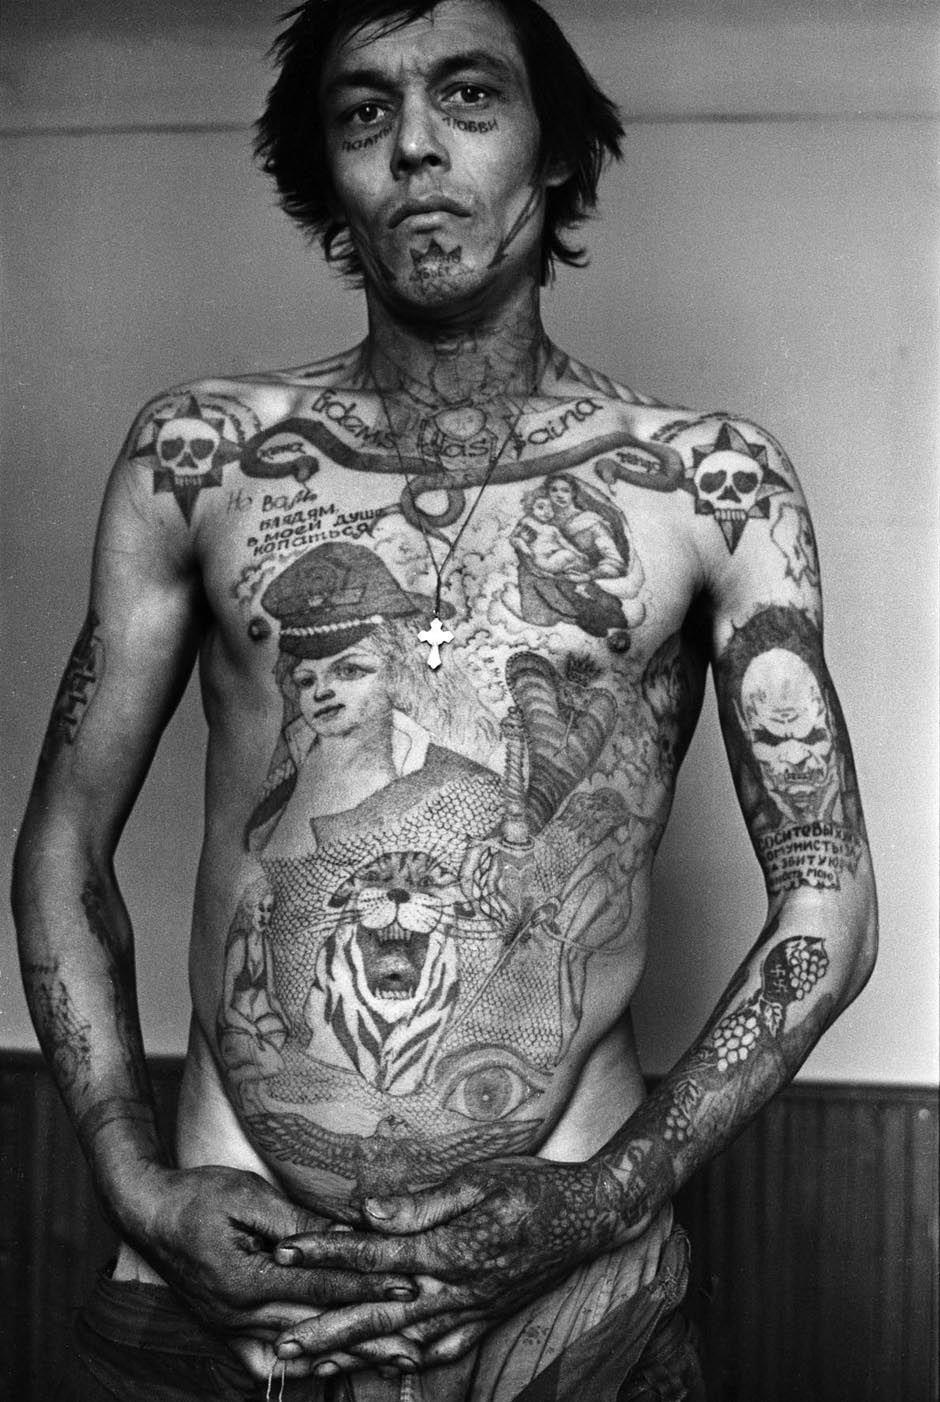 Tatouages de prisonniers russes tatouage encyclopedie criminel russe ...